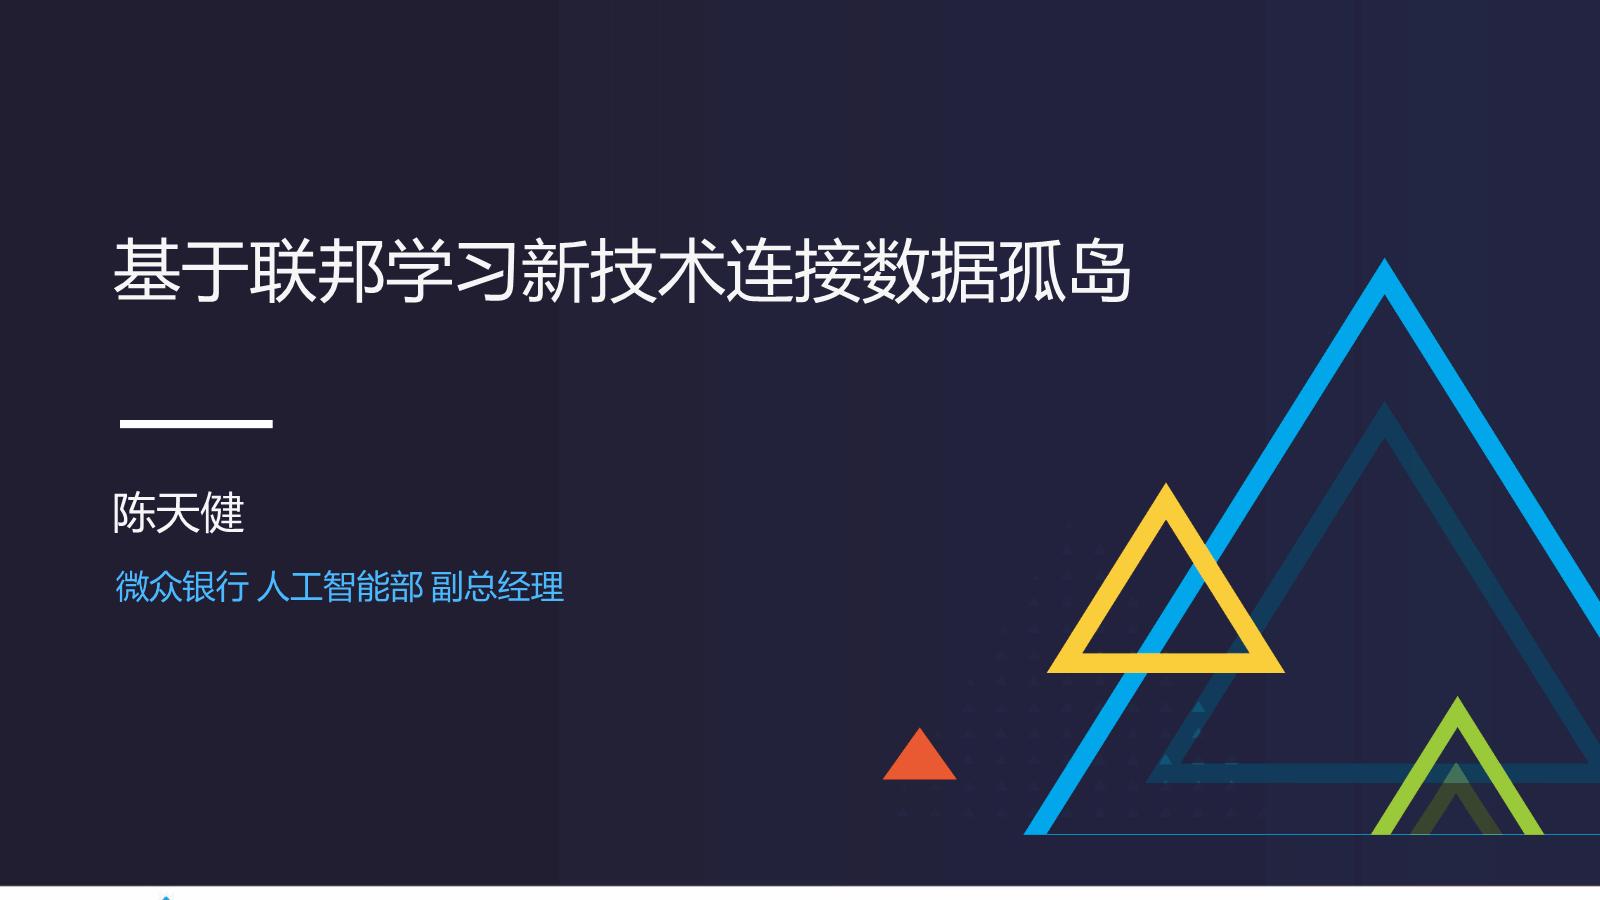 陈天健-基于联邦学习新技术连接数据孤岛